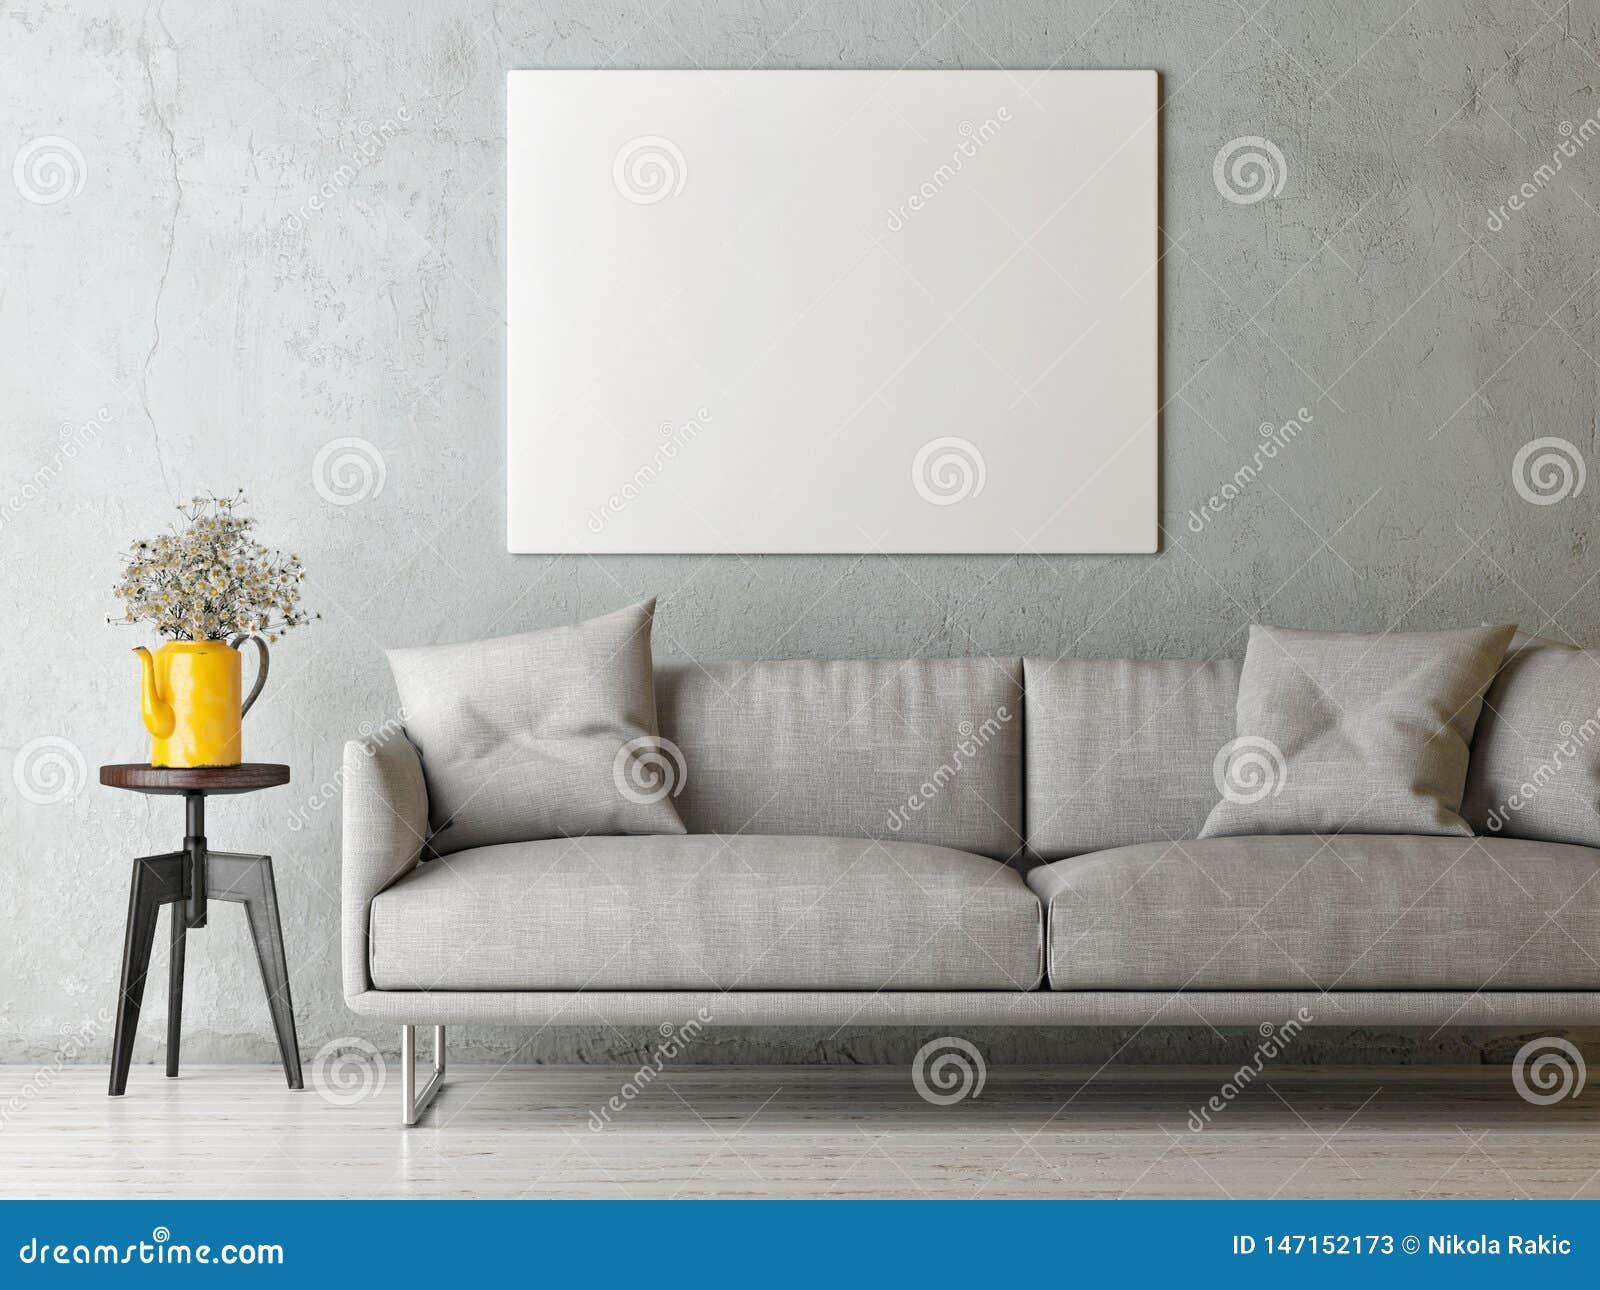 Wyśmiewa w górę plakata w minimalizmu pojęcia Żywym pokoju, Skandynawski projekt